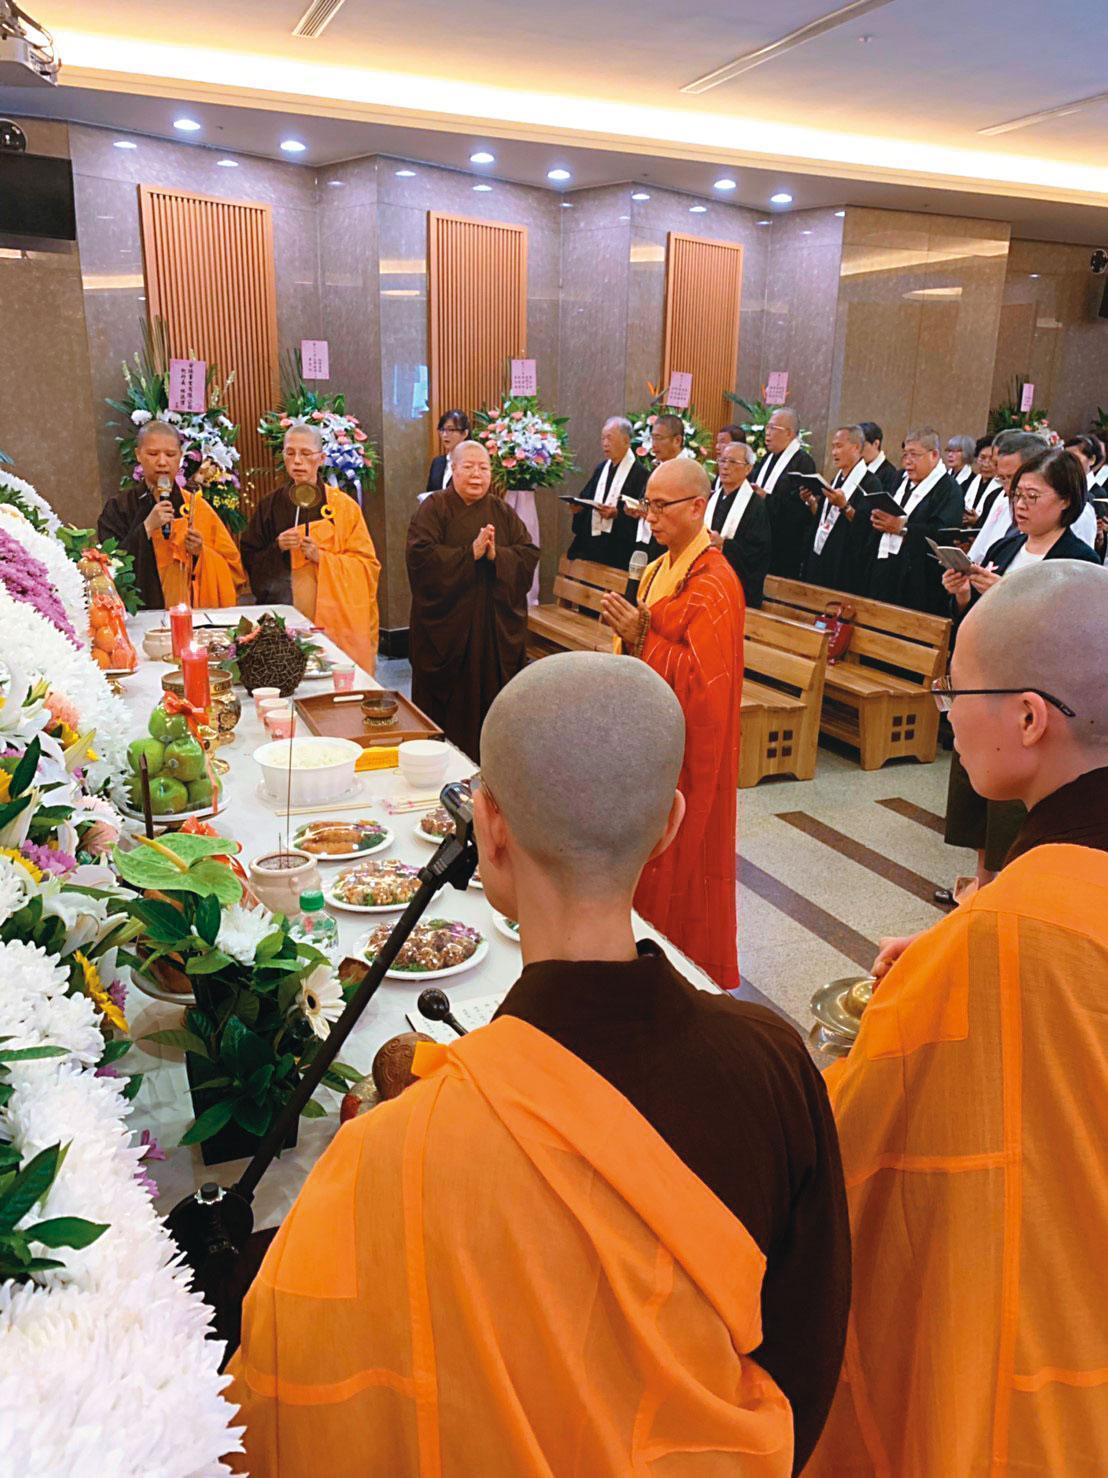 靈鷲山基金會去年在台北市第二殯儀館,為孫伯英及其他刑案死者超渡。(法醫研究所提供)